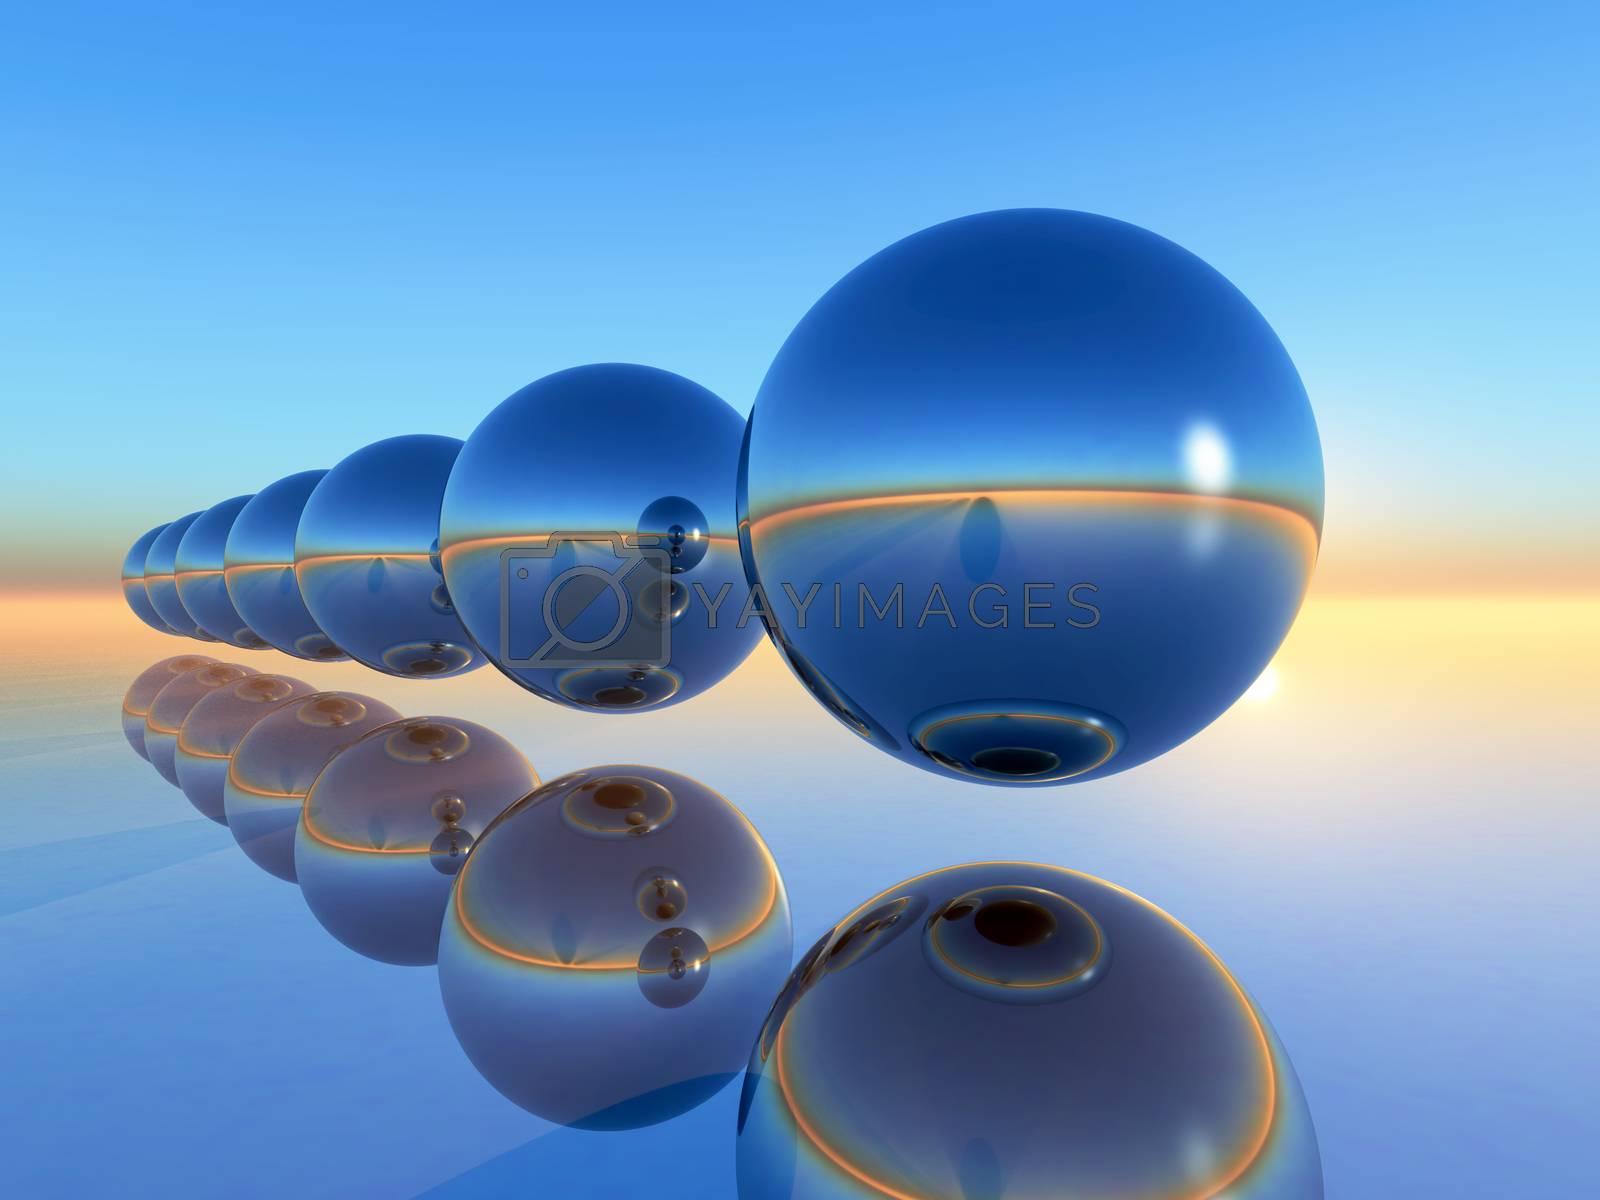 range of sphere in 3D rendering